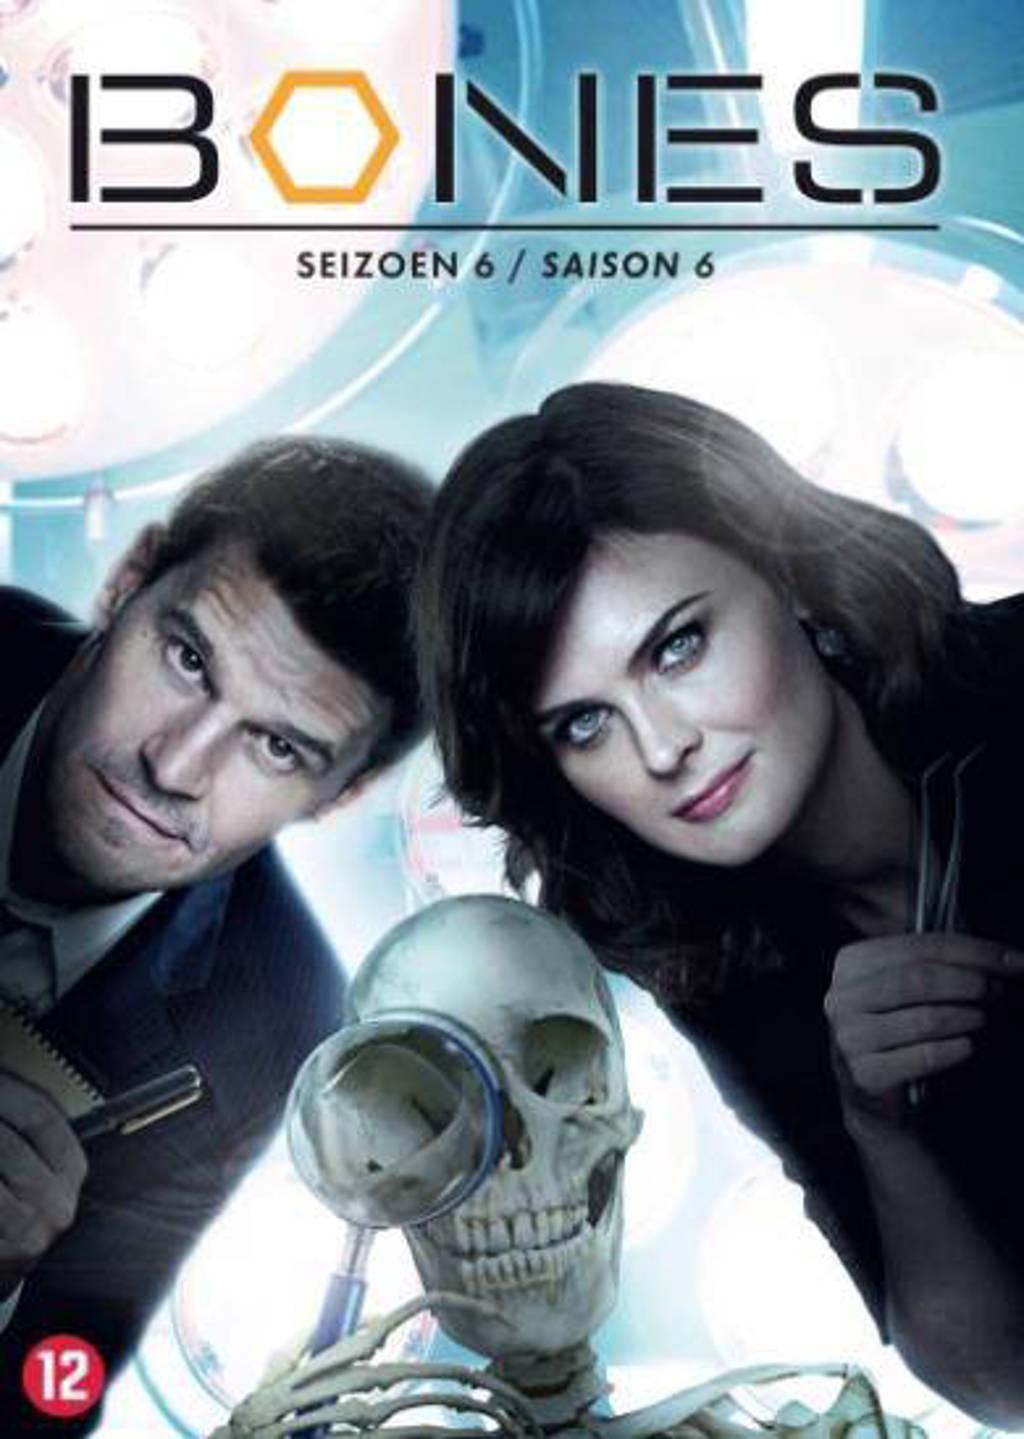 Bones - Seizoen 6 (DVD)